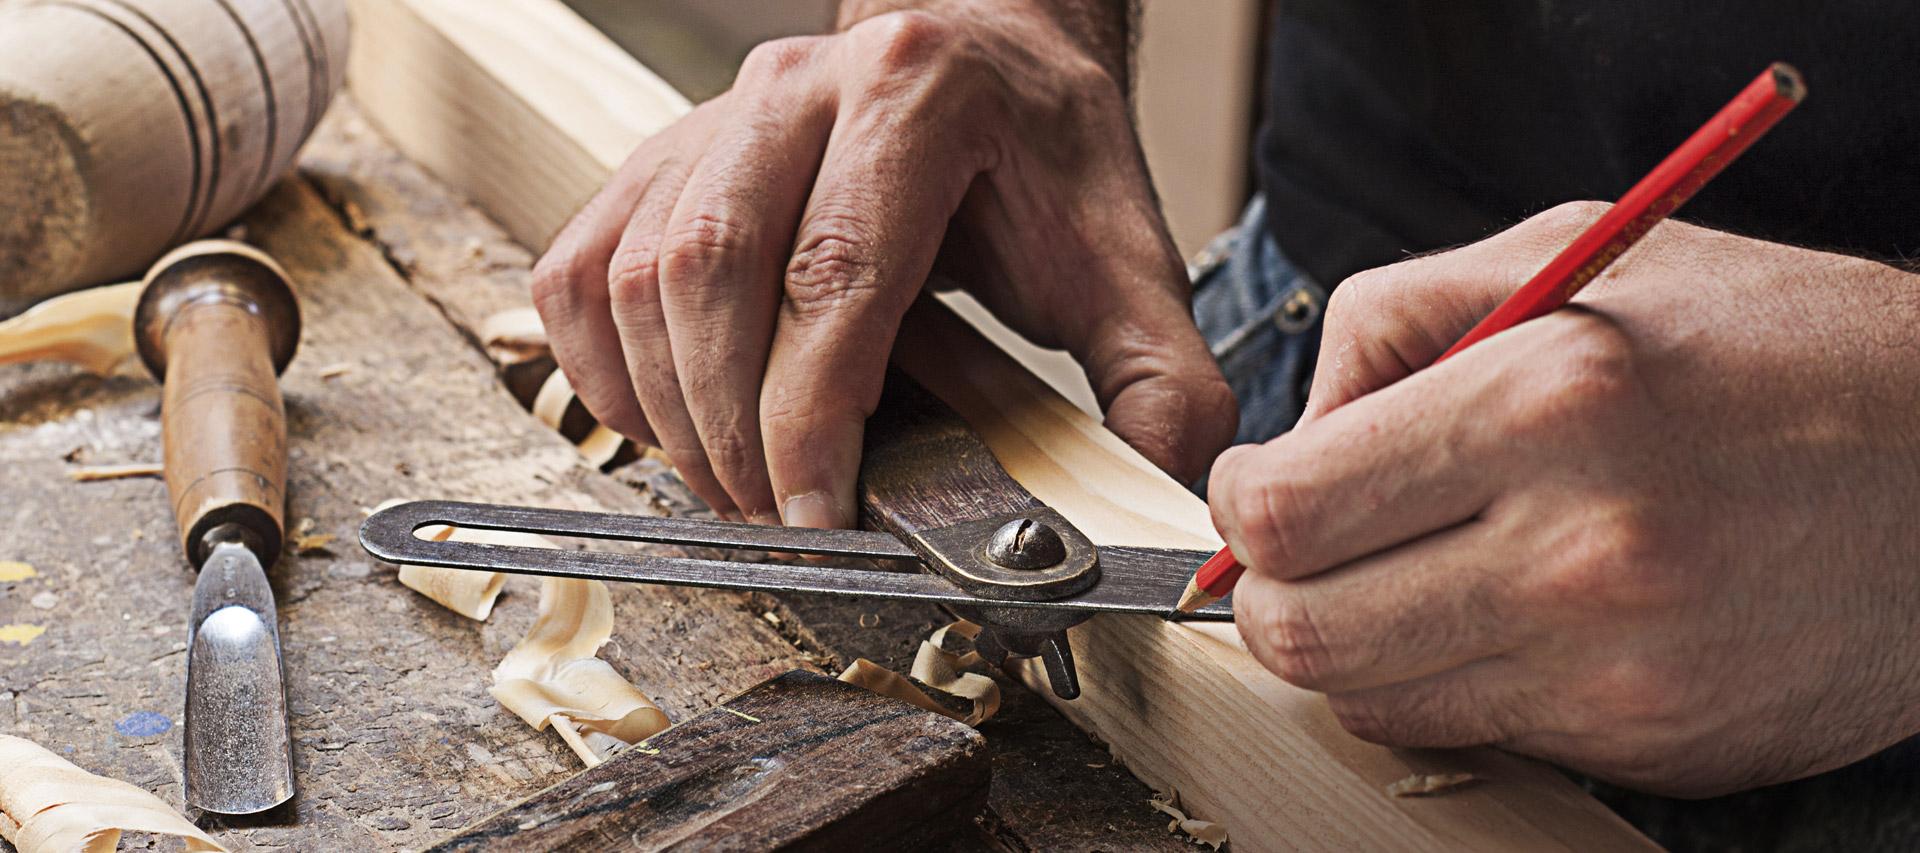 A Forlì-Cesena l'azienda GIEMME si occupa di produzione e vendita di serramenti, Infissi, finestre, scorrevoli, porte, persiane e portoni in legno, pvc, alluminio e legno alluminio. Portoni blindati. Pergole e tende da sole.